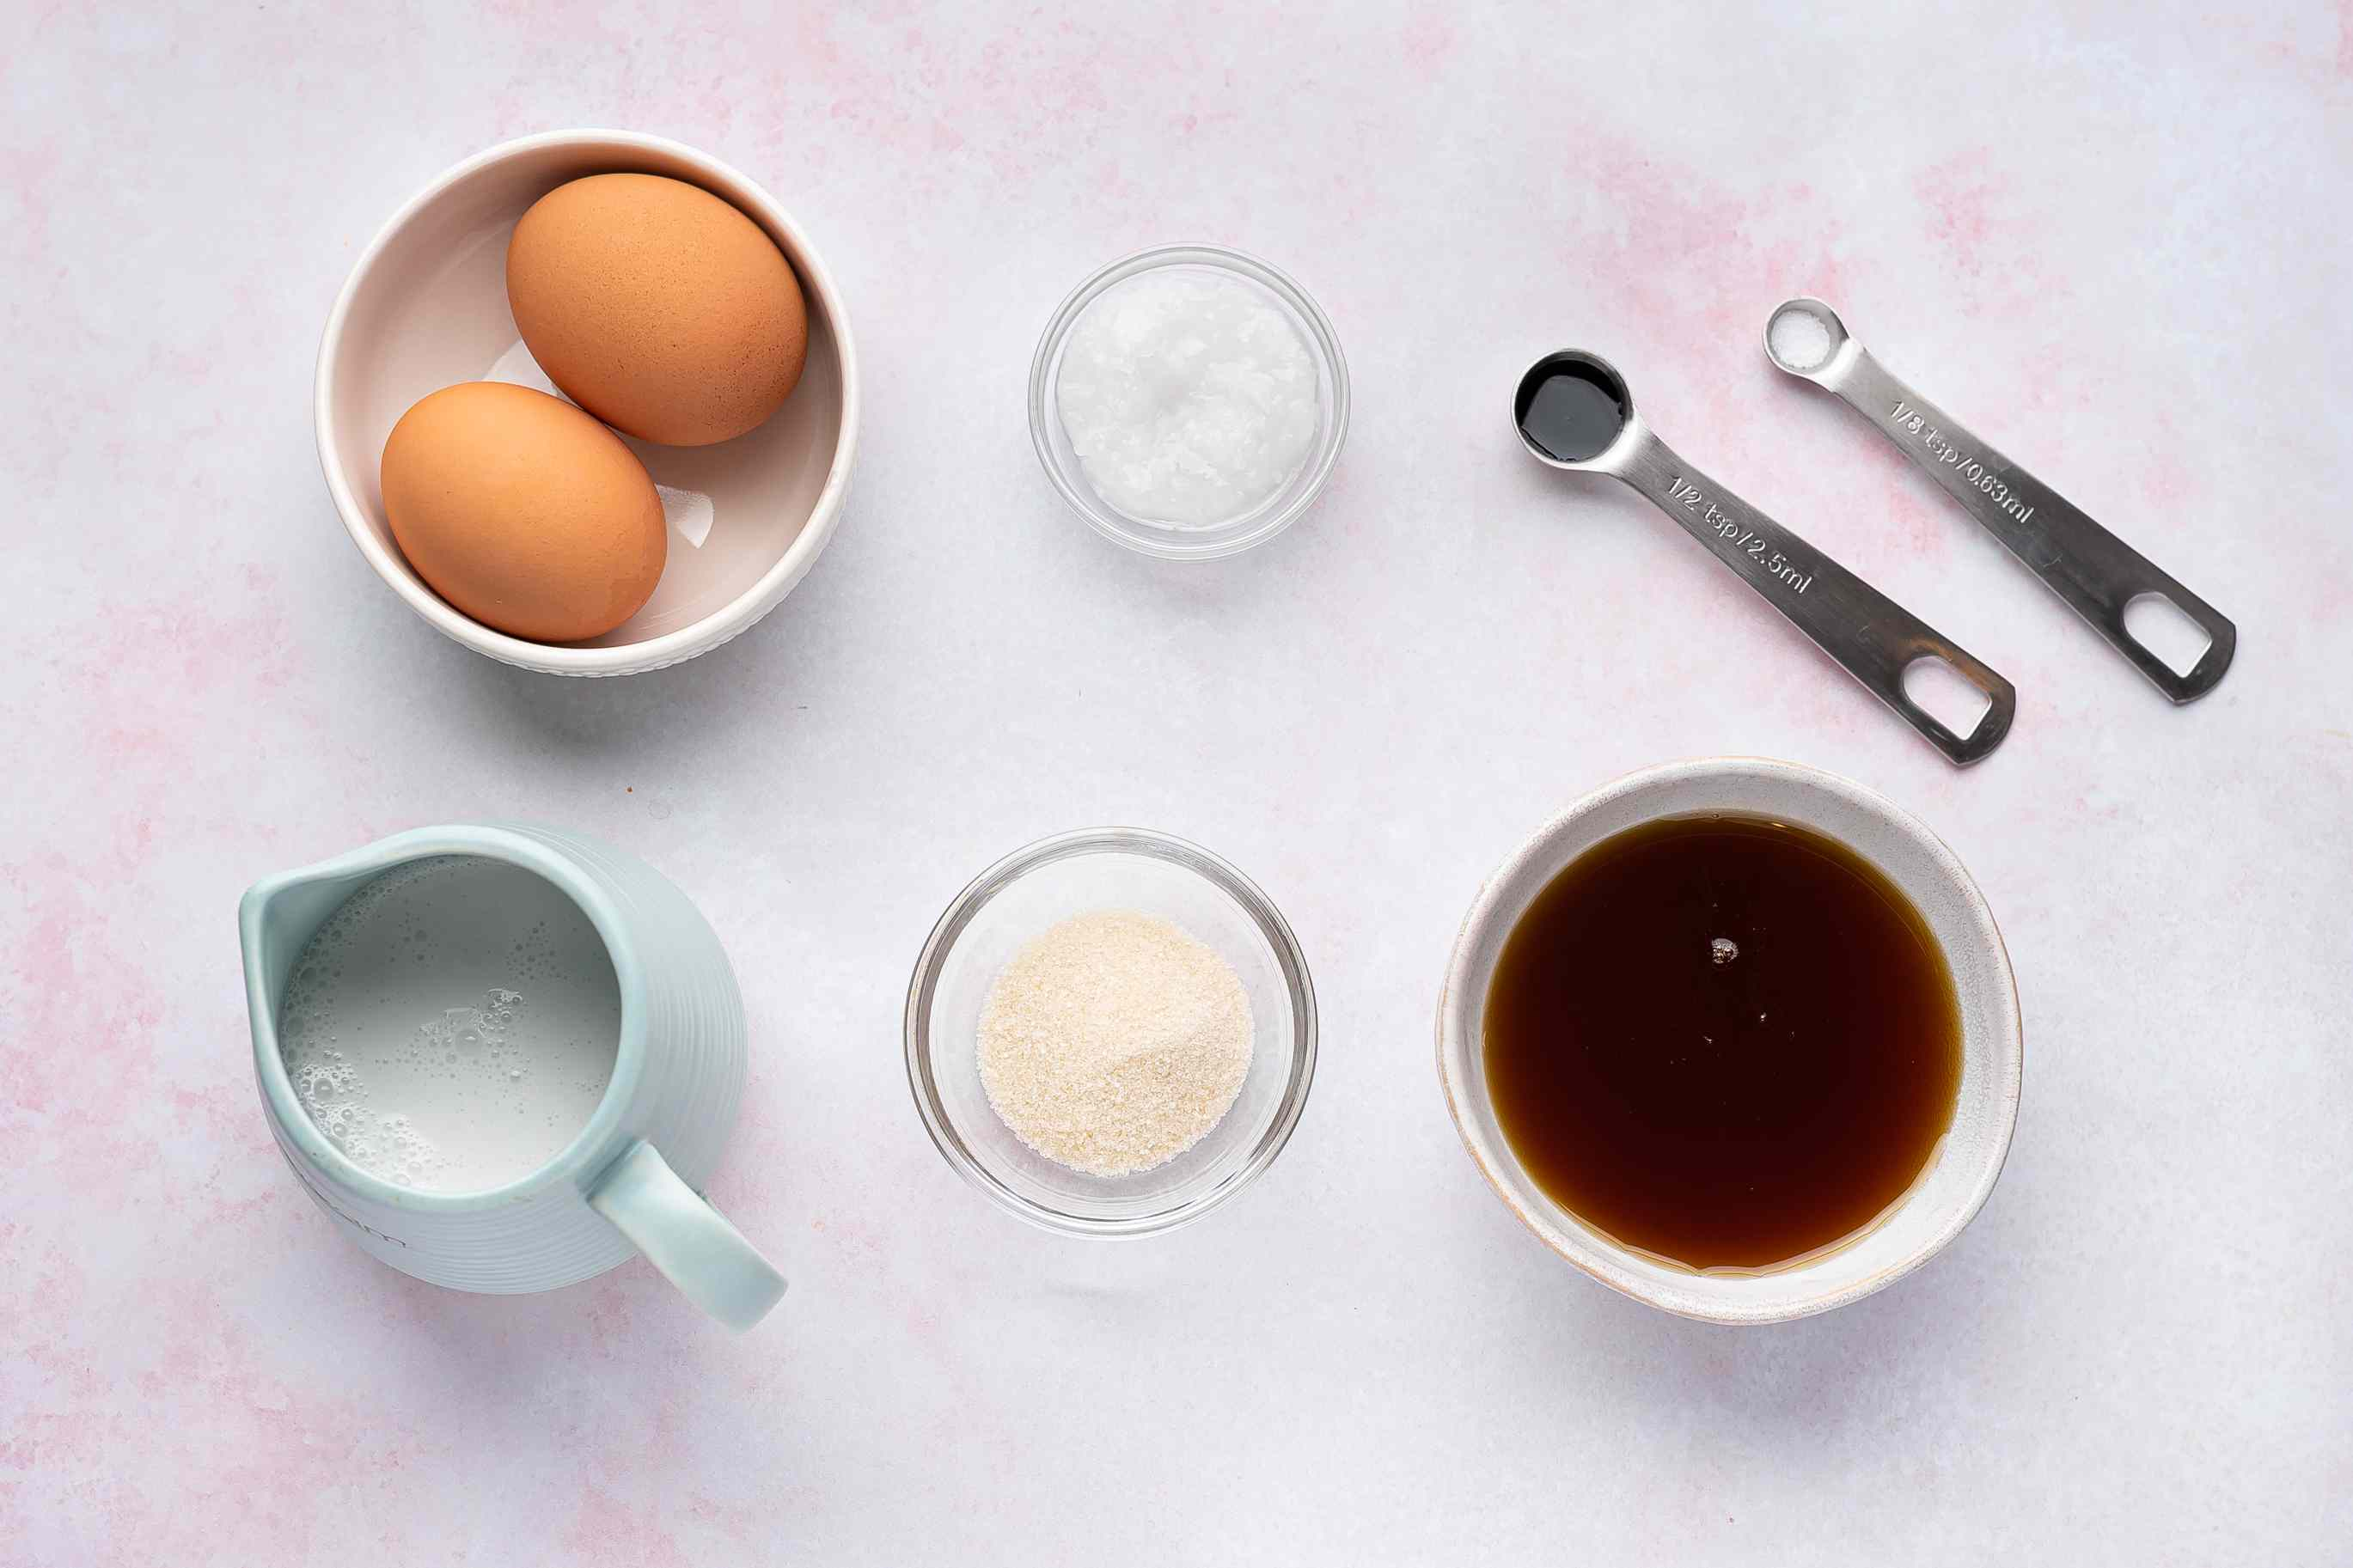 Gluten-Free Thai Creme Caramel ingredients